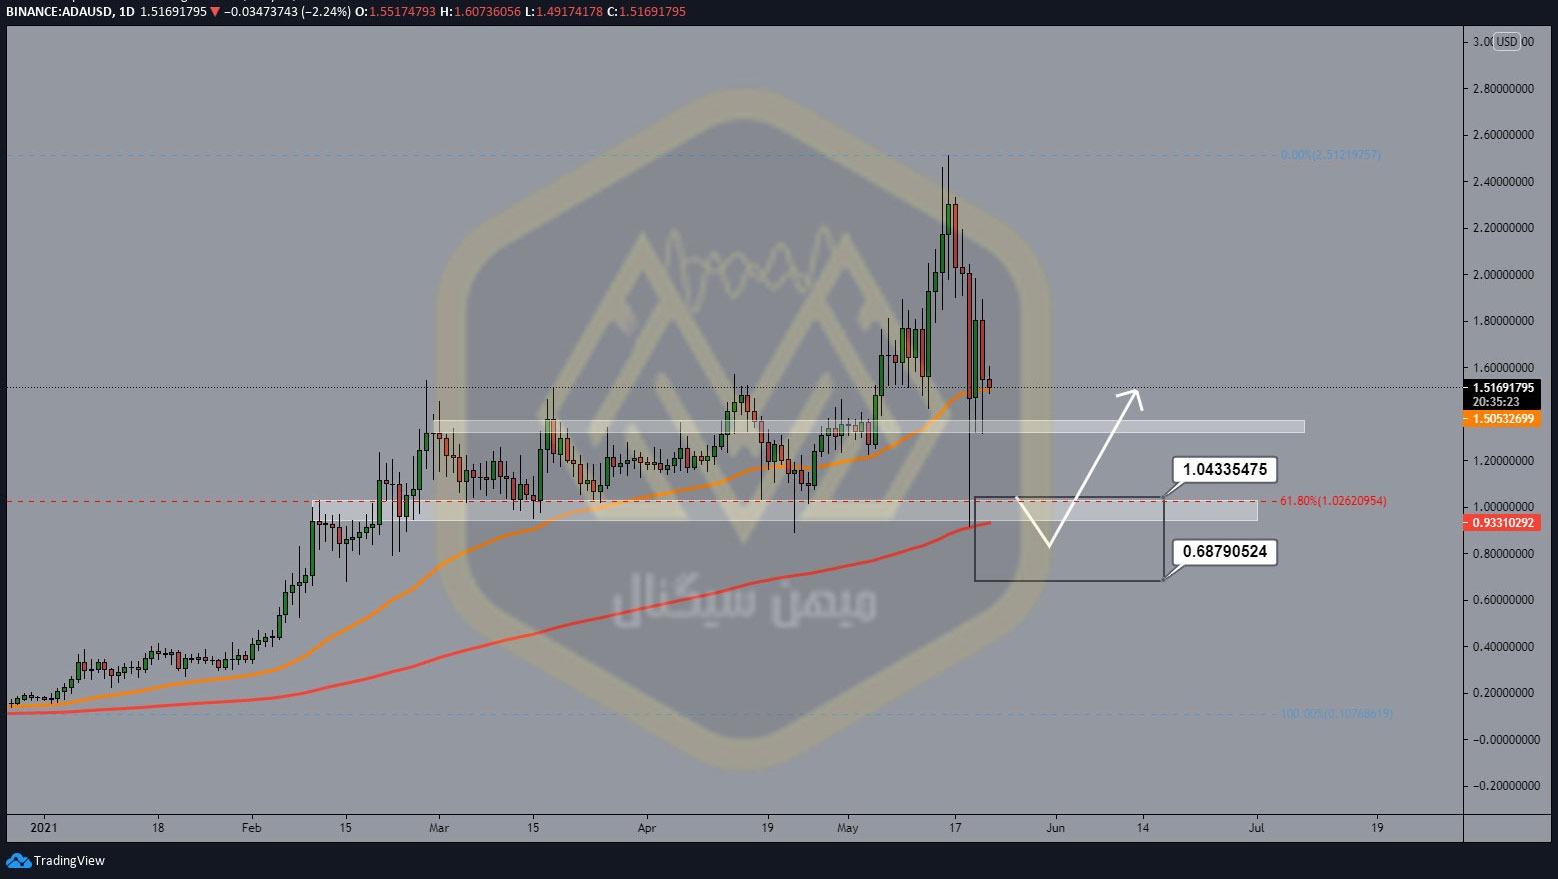 نمودار یک روزه کاردانو / دلار